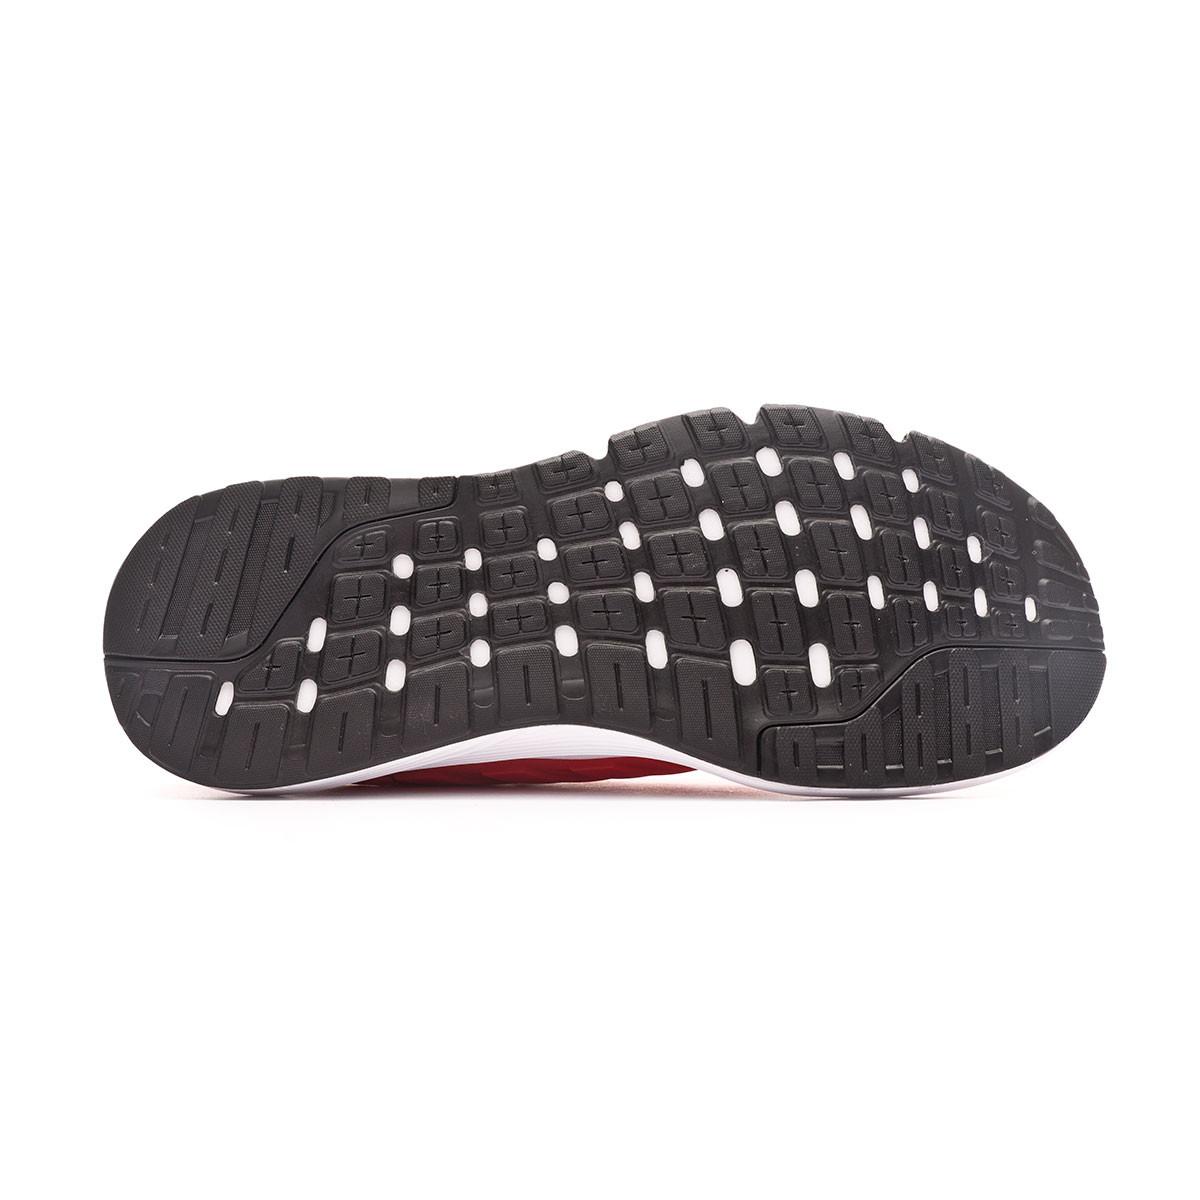 Scarpe adidas Galaxy 4 Active red Core black Negozio di